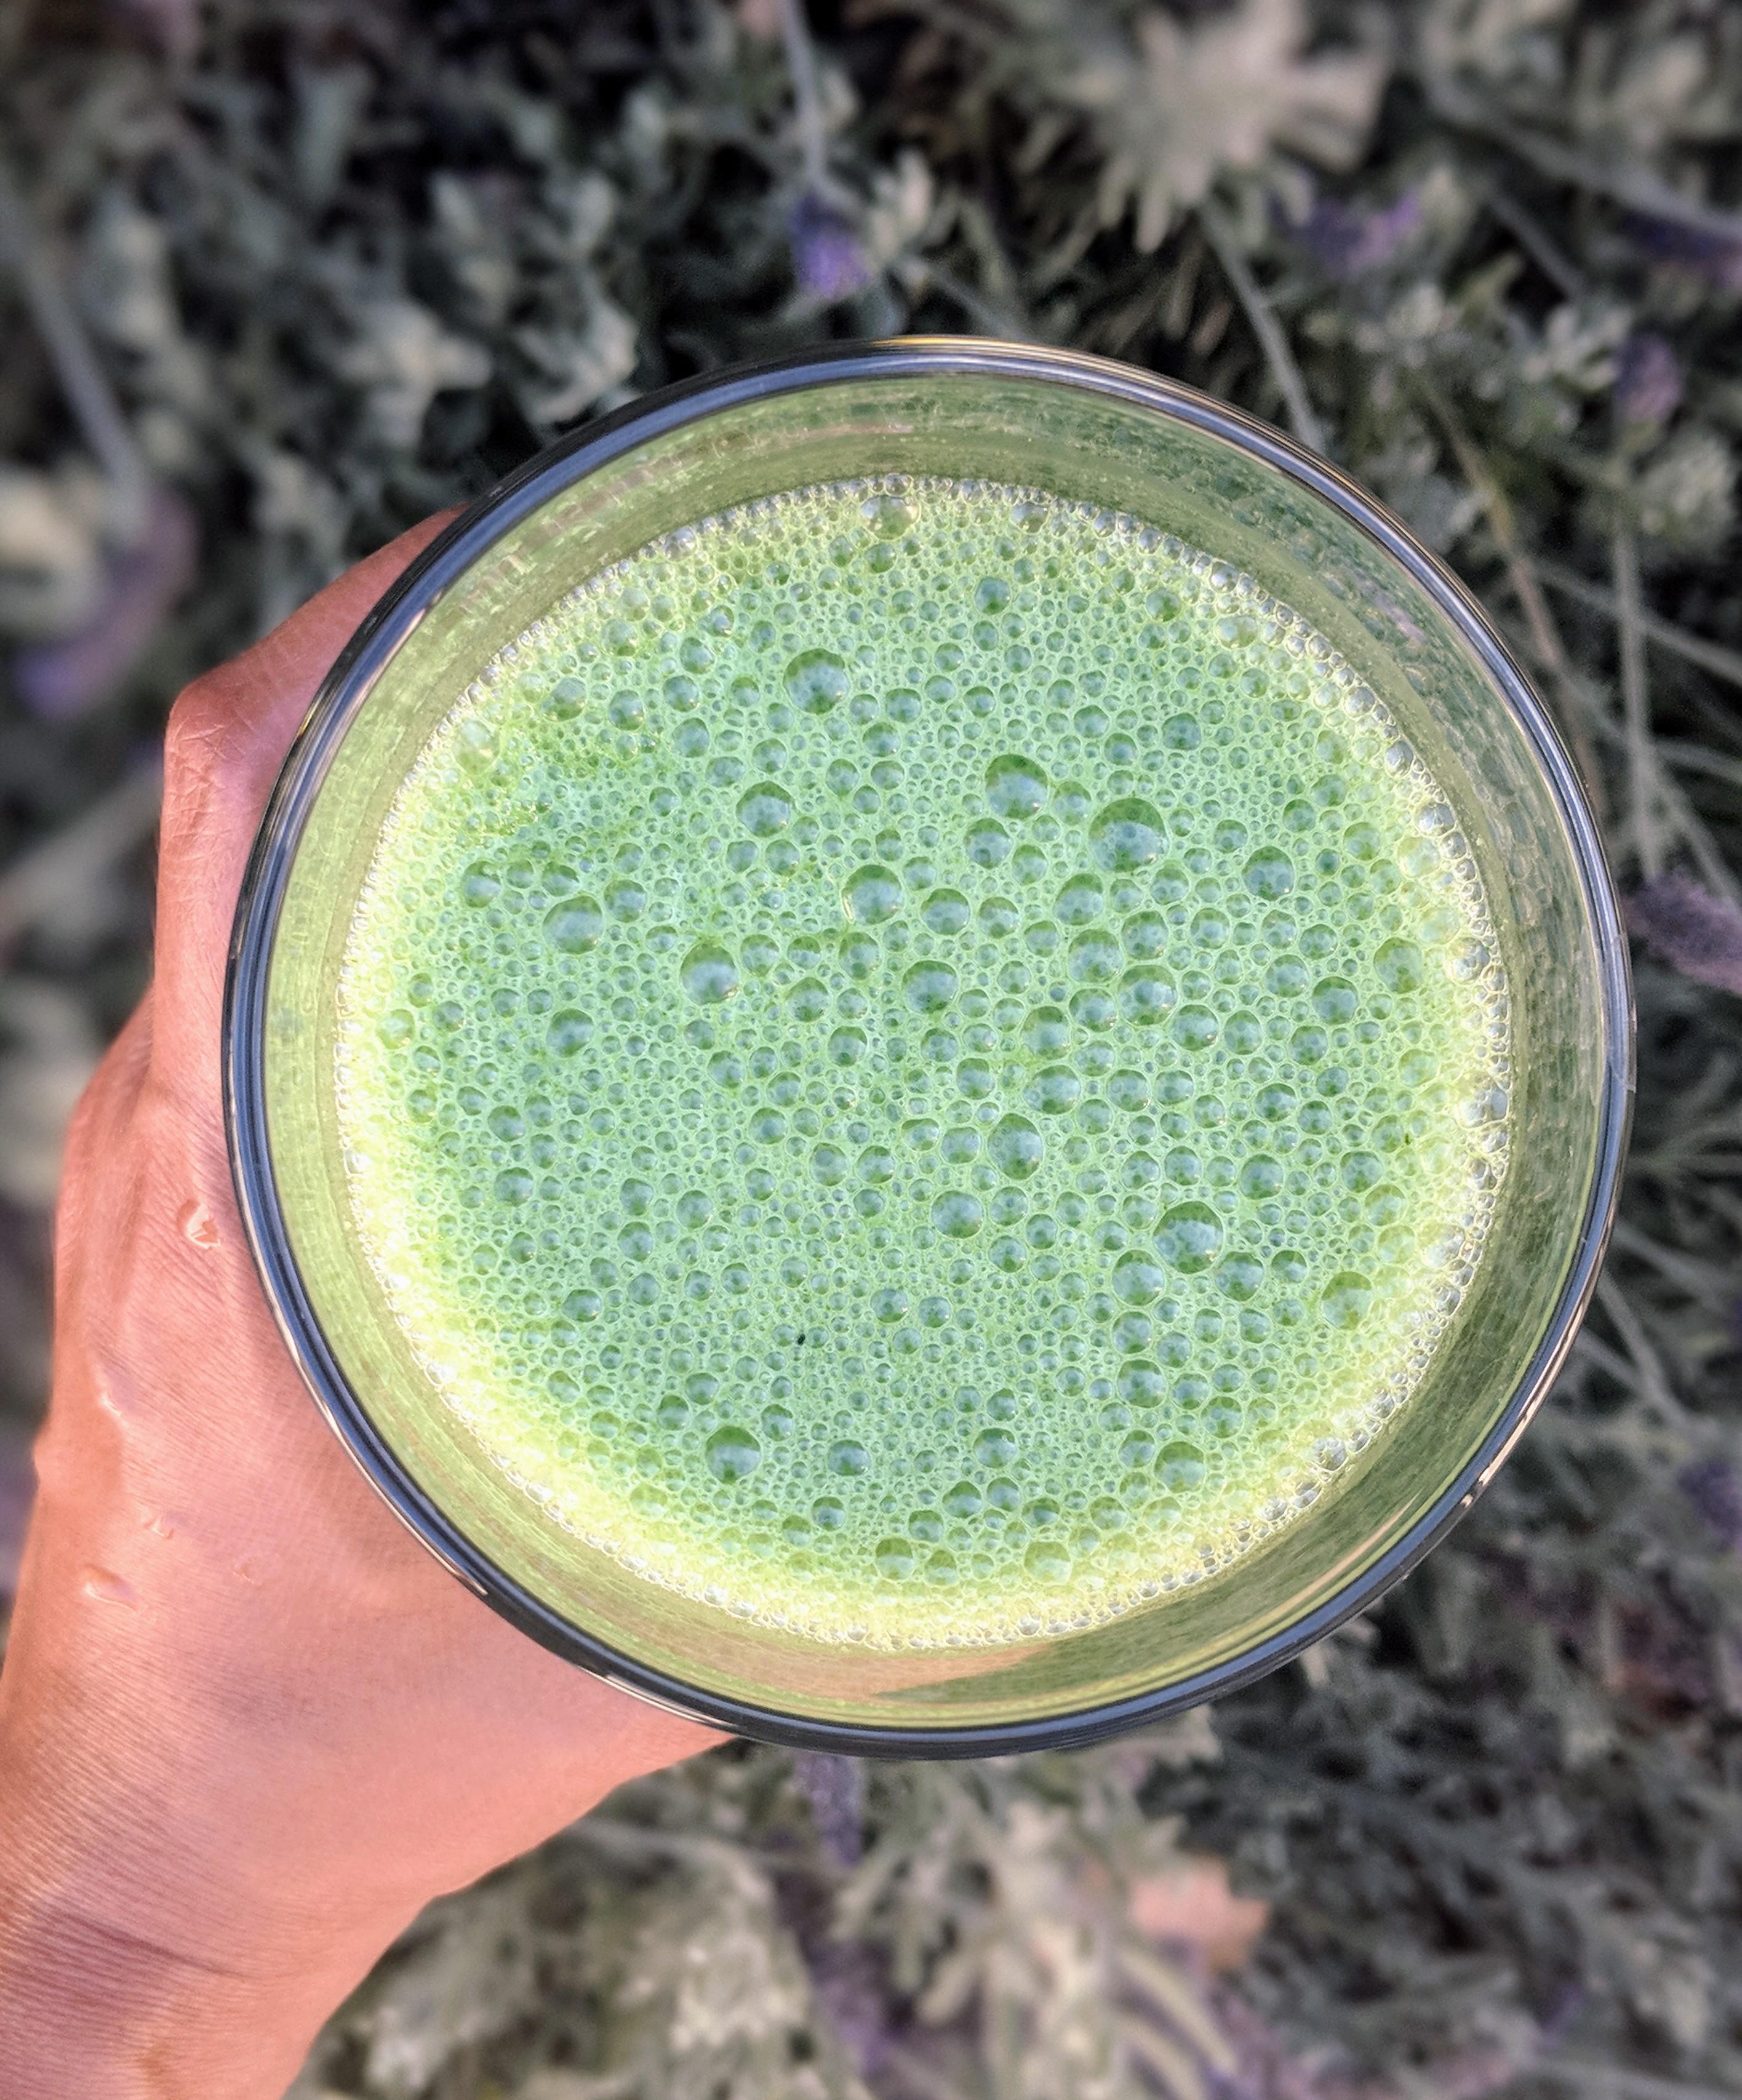 Cool Green Smoothie (Kale, Pineapple, Banana & Spirulina)